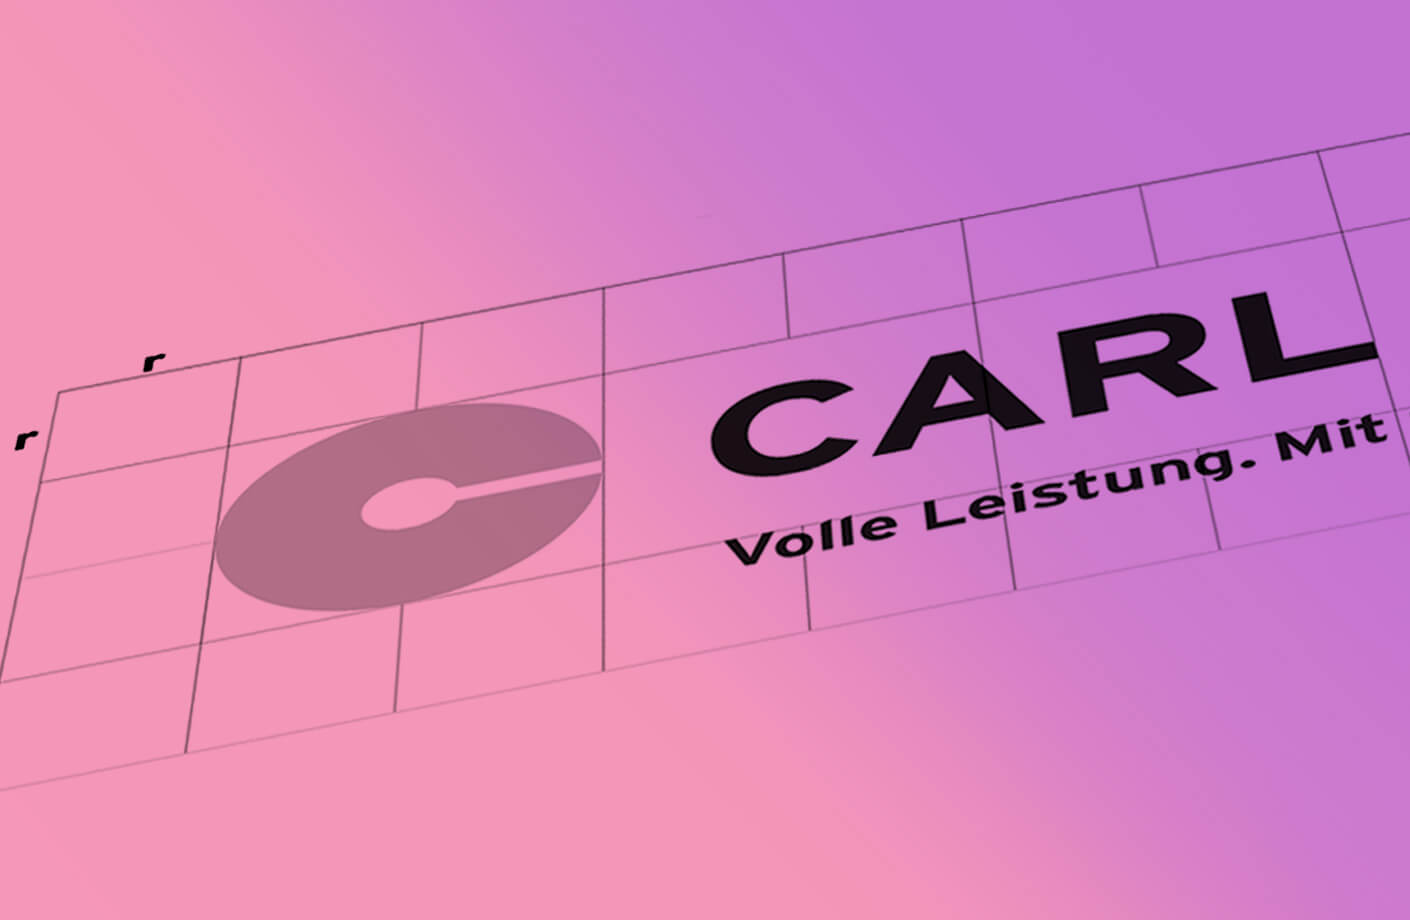 Bild des Carl Logos als Beispiel für Branding durch Agentur